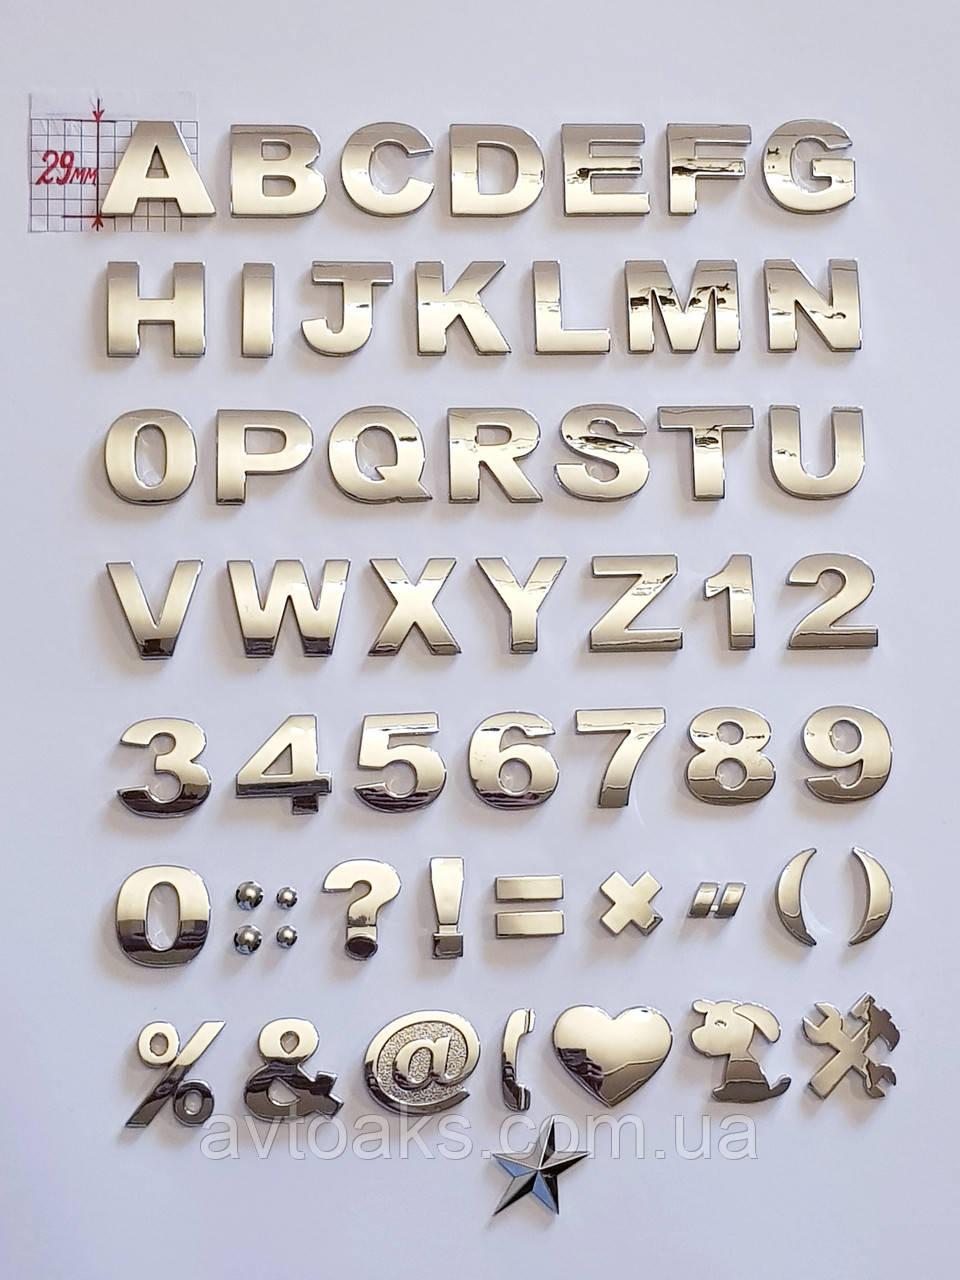 Буква, цифра, символ, значок, слово, хром